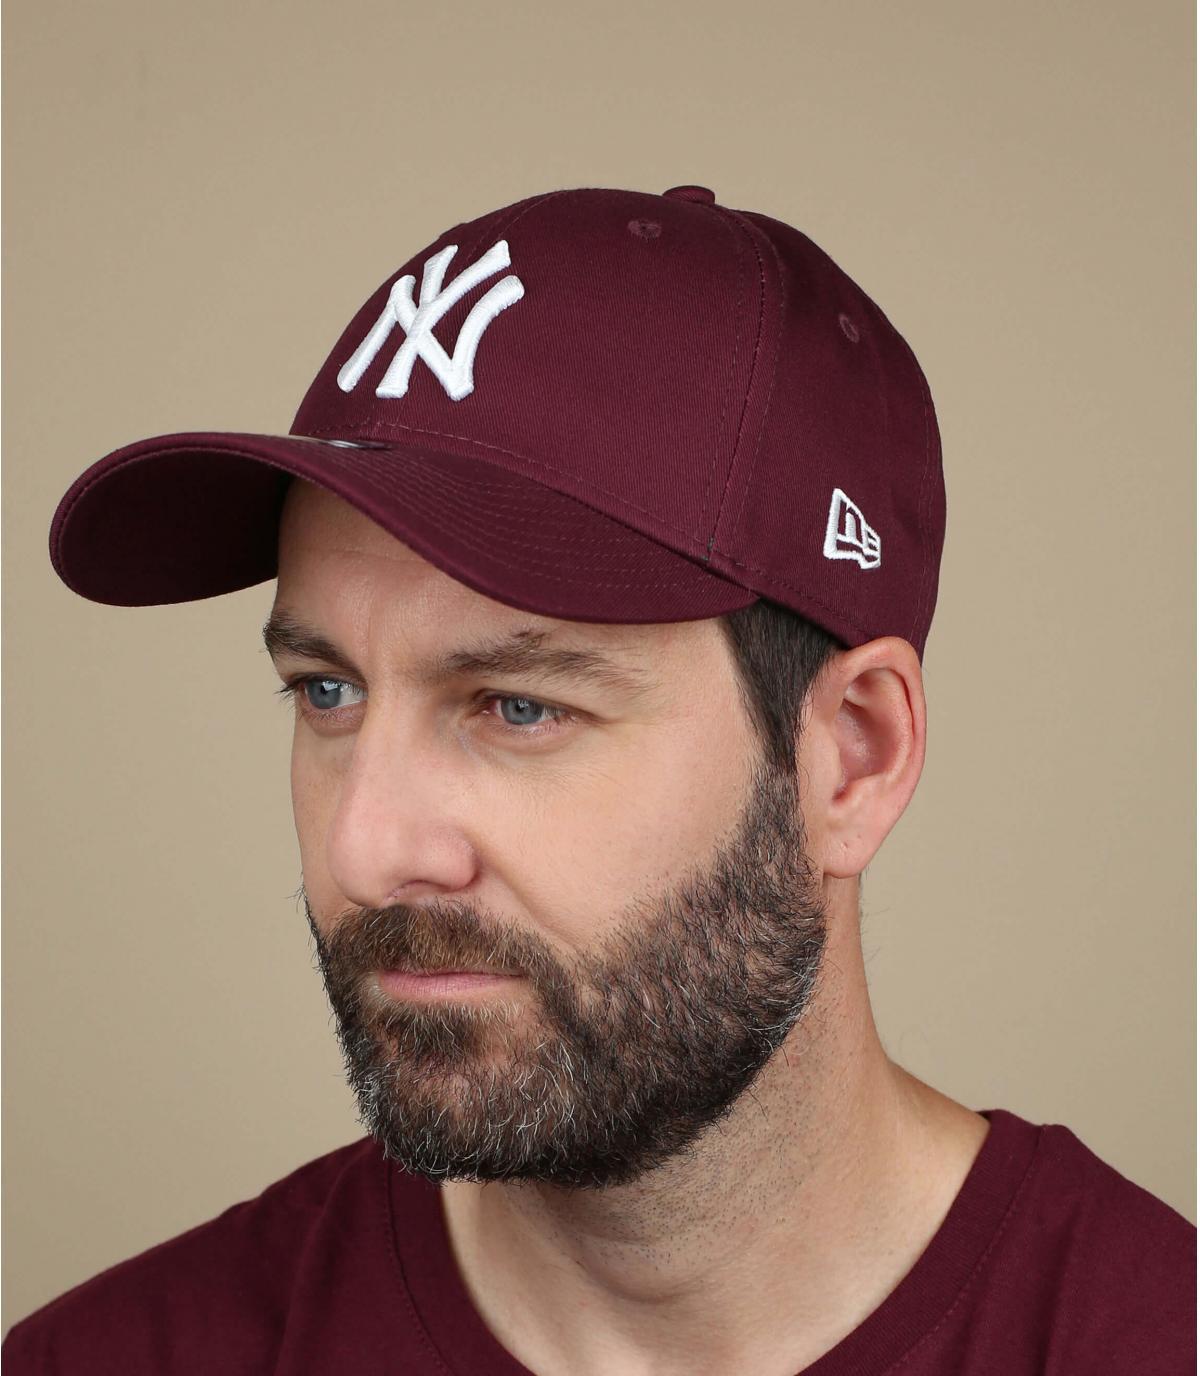 NY camionero gorra marrón